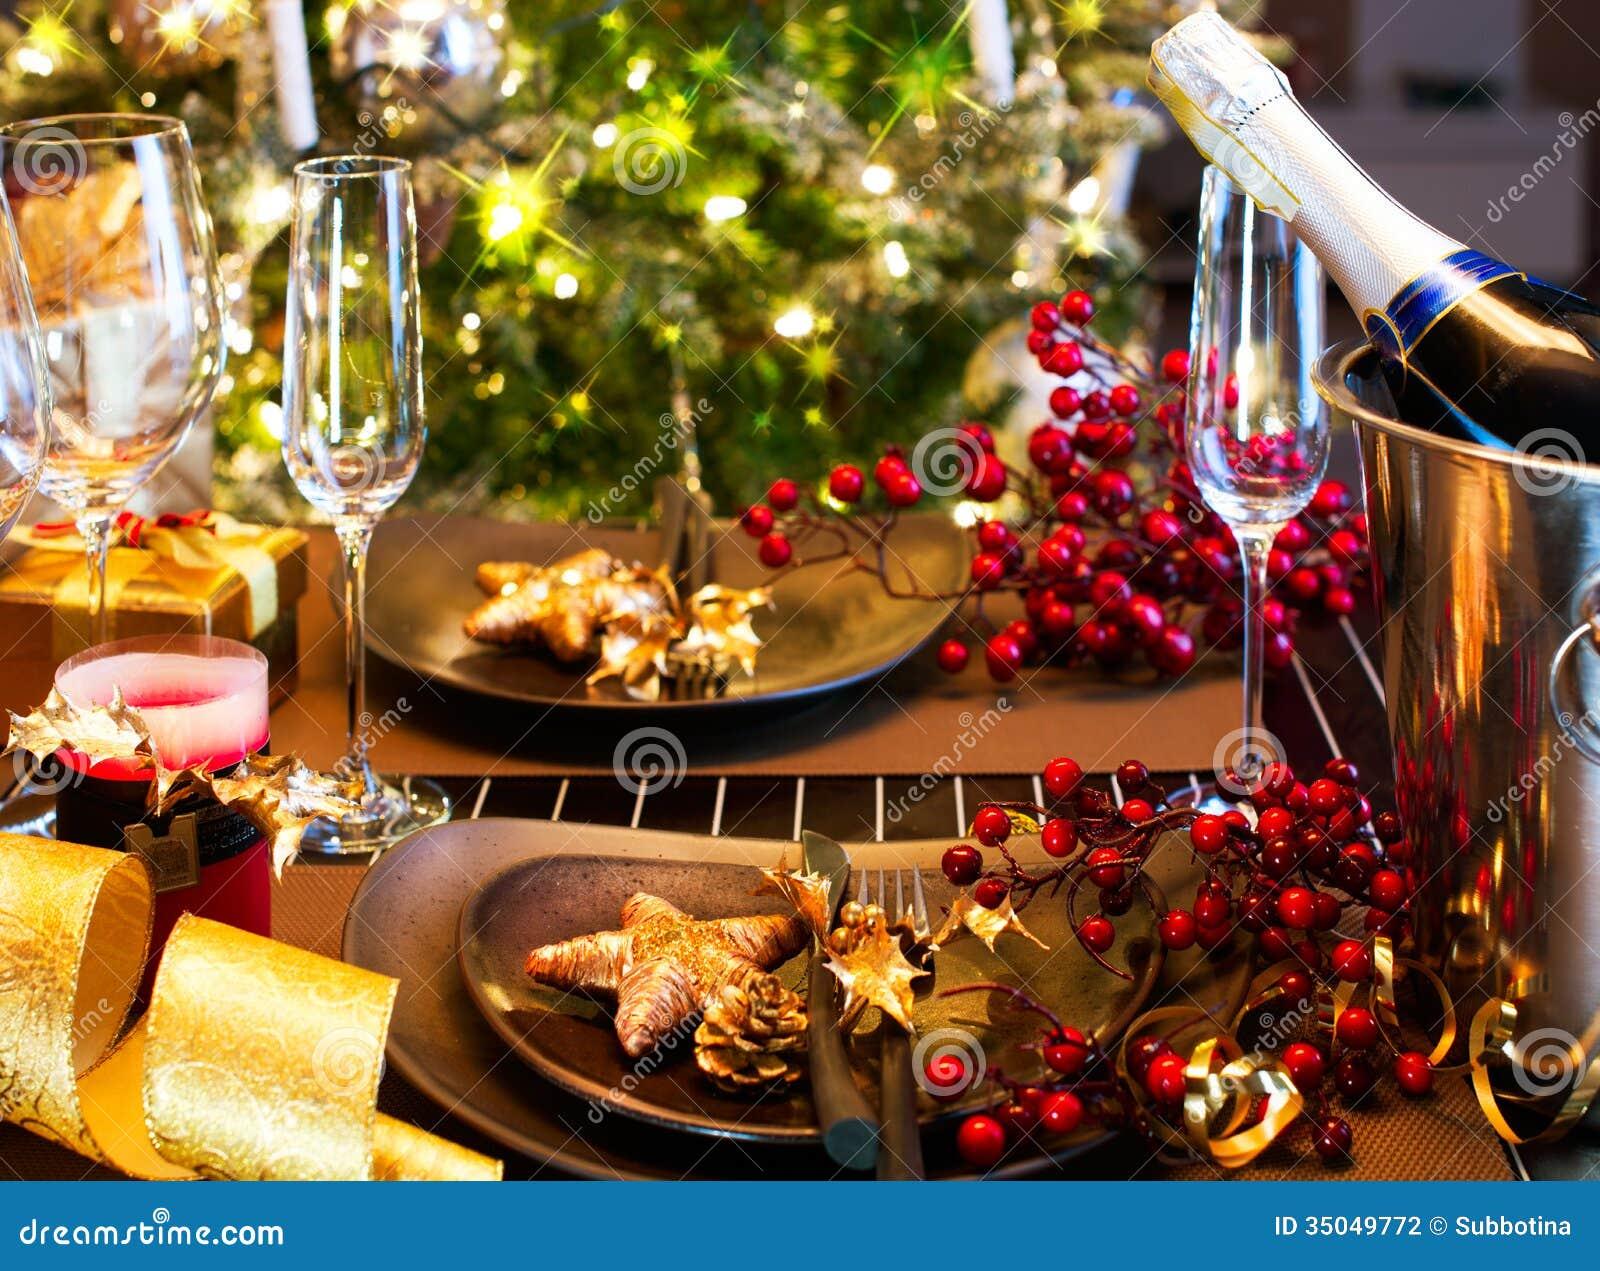 Christmas Table Setting Stock Photography Image 35049772